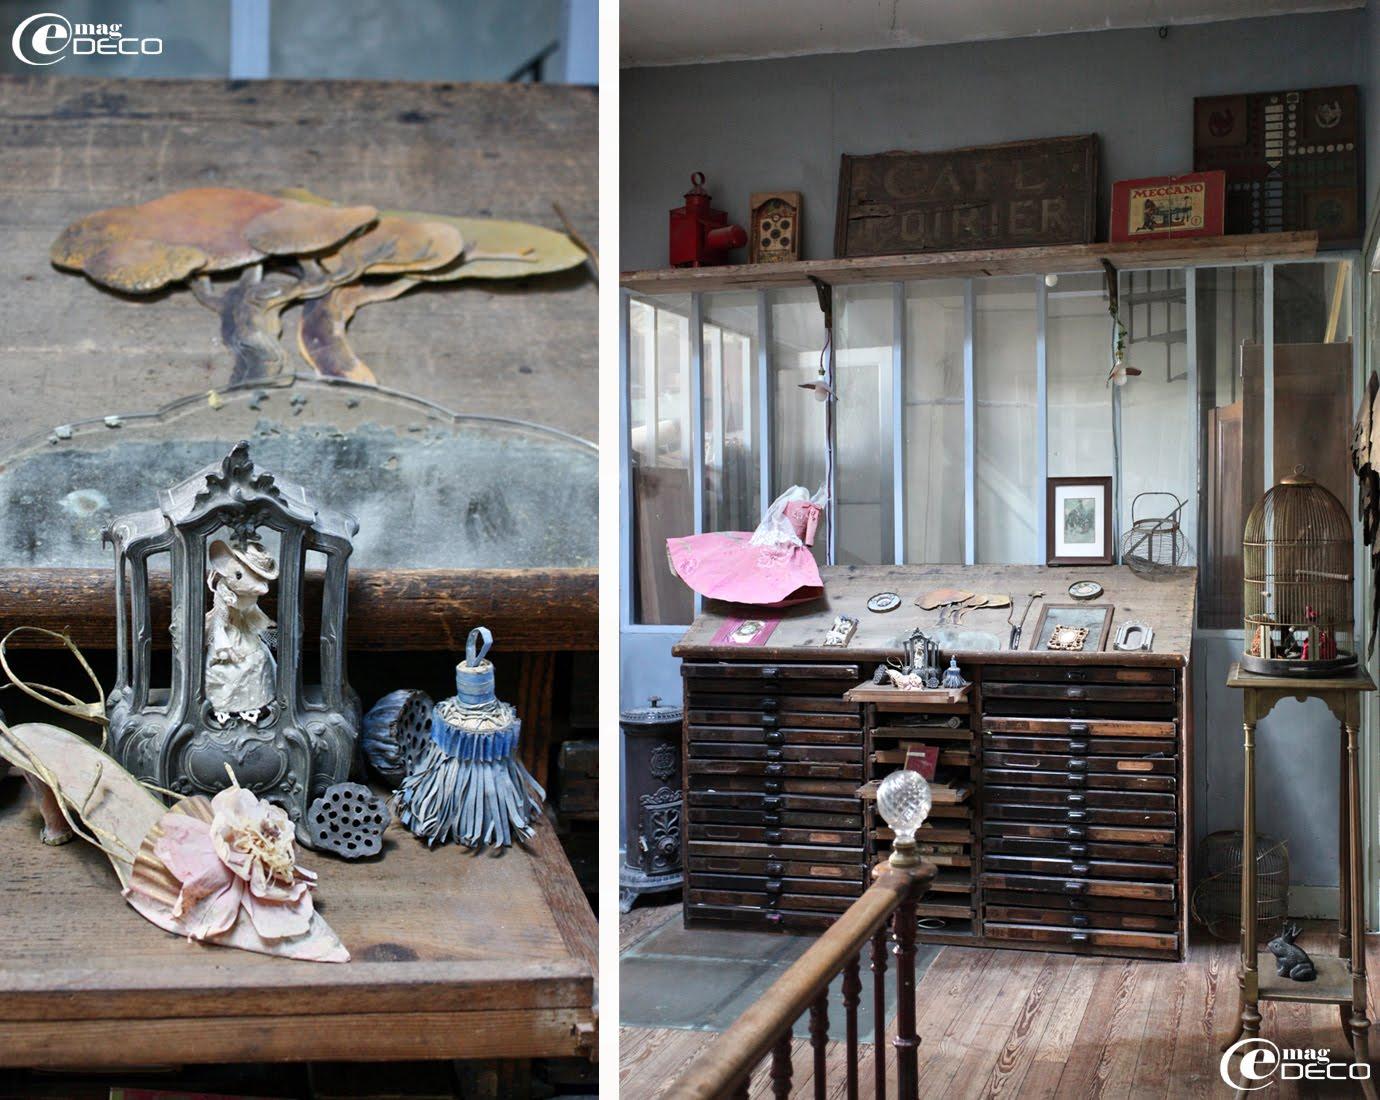 Vieux meuble d'imprimerie devant une verrière dans la cage d'escalier chez Miss Clara